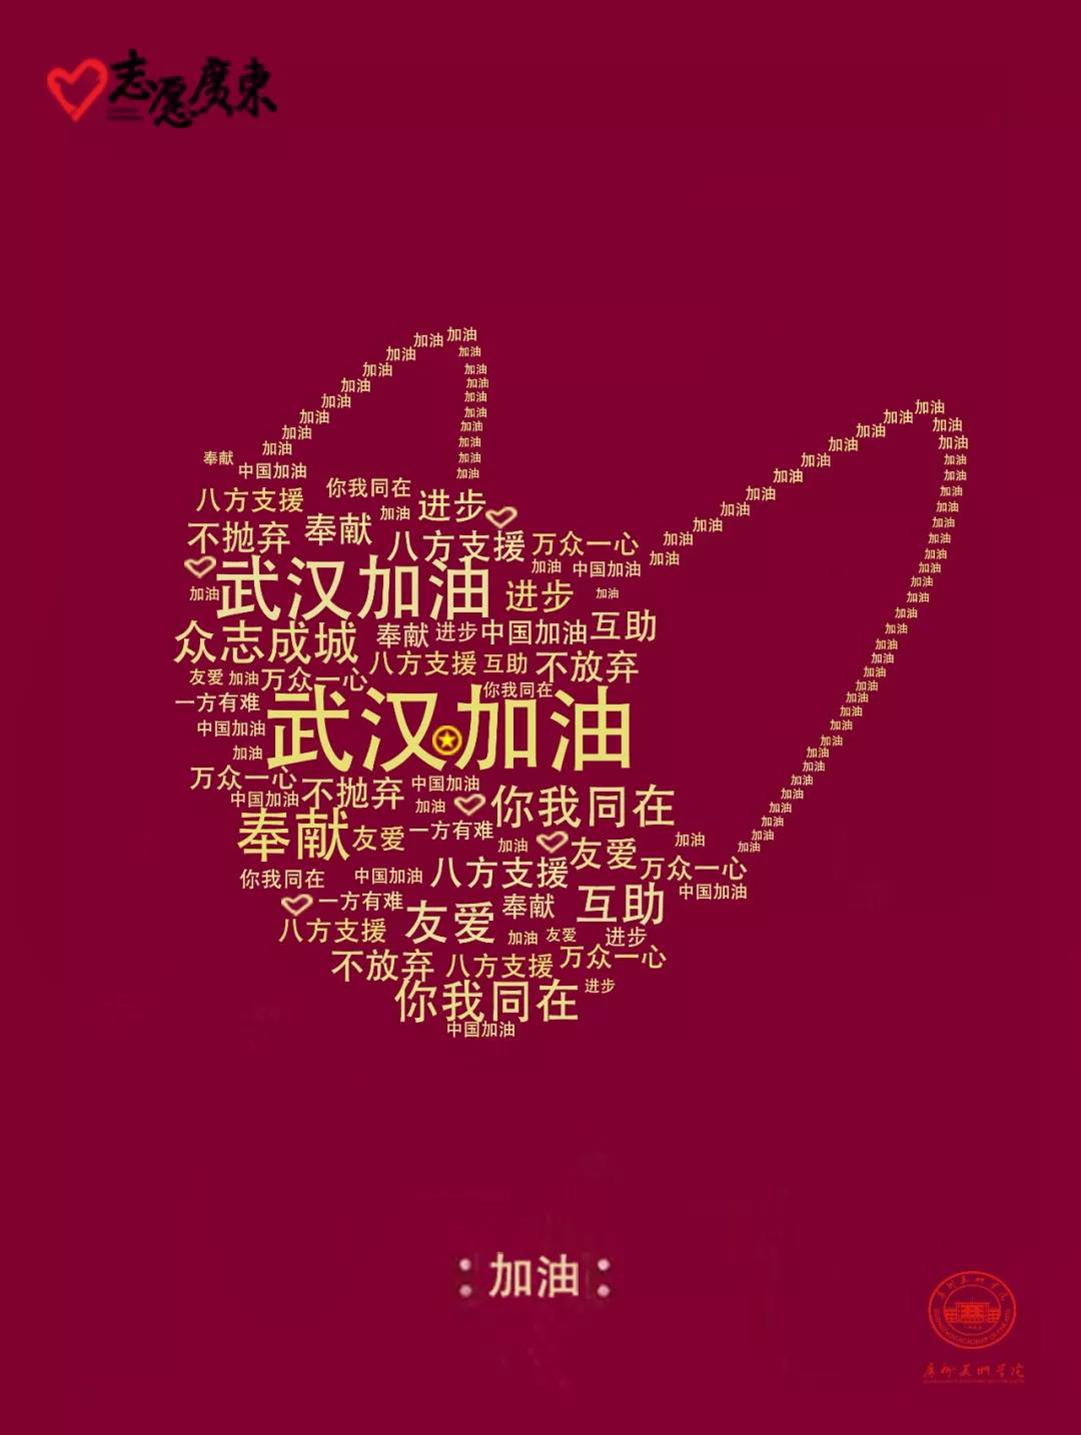 张璐瑶 (3)273.png